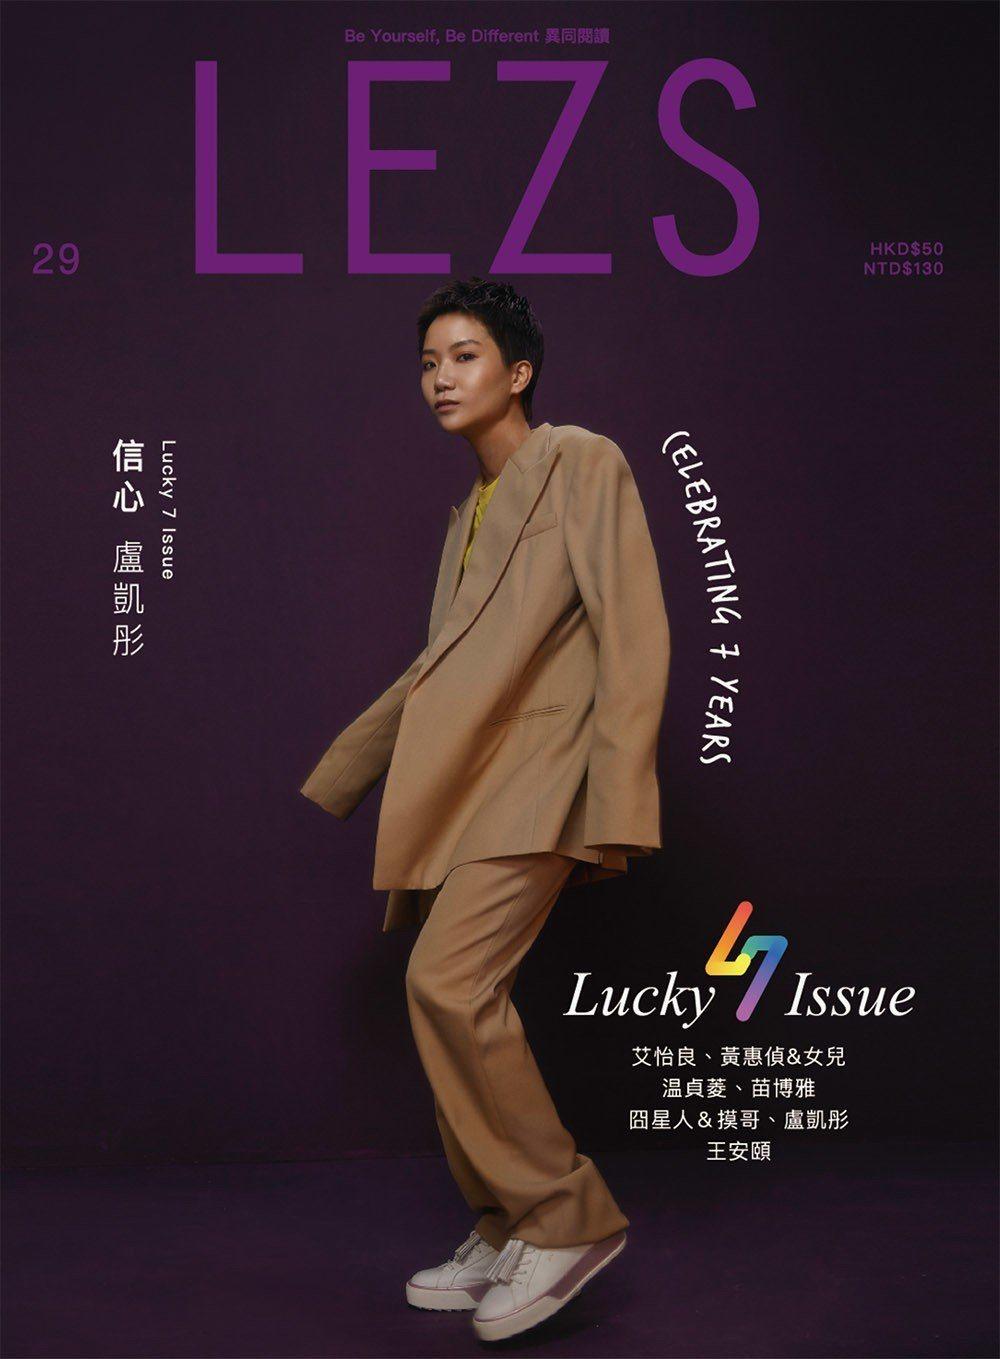 盧凱彤特別為「LEZS」七週年專程來台拍攝,並深刻分享她現下的心境、愛與信心。圖...